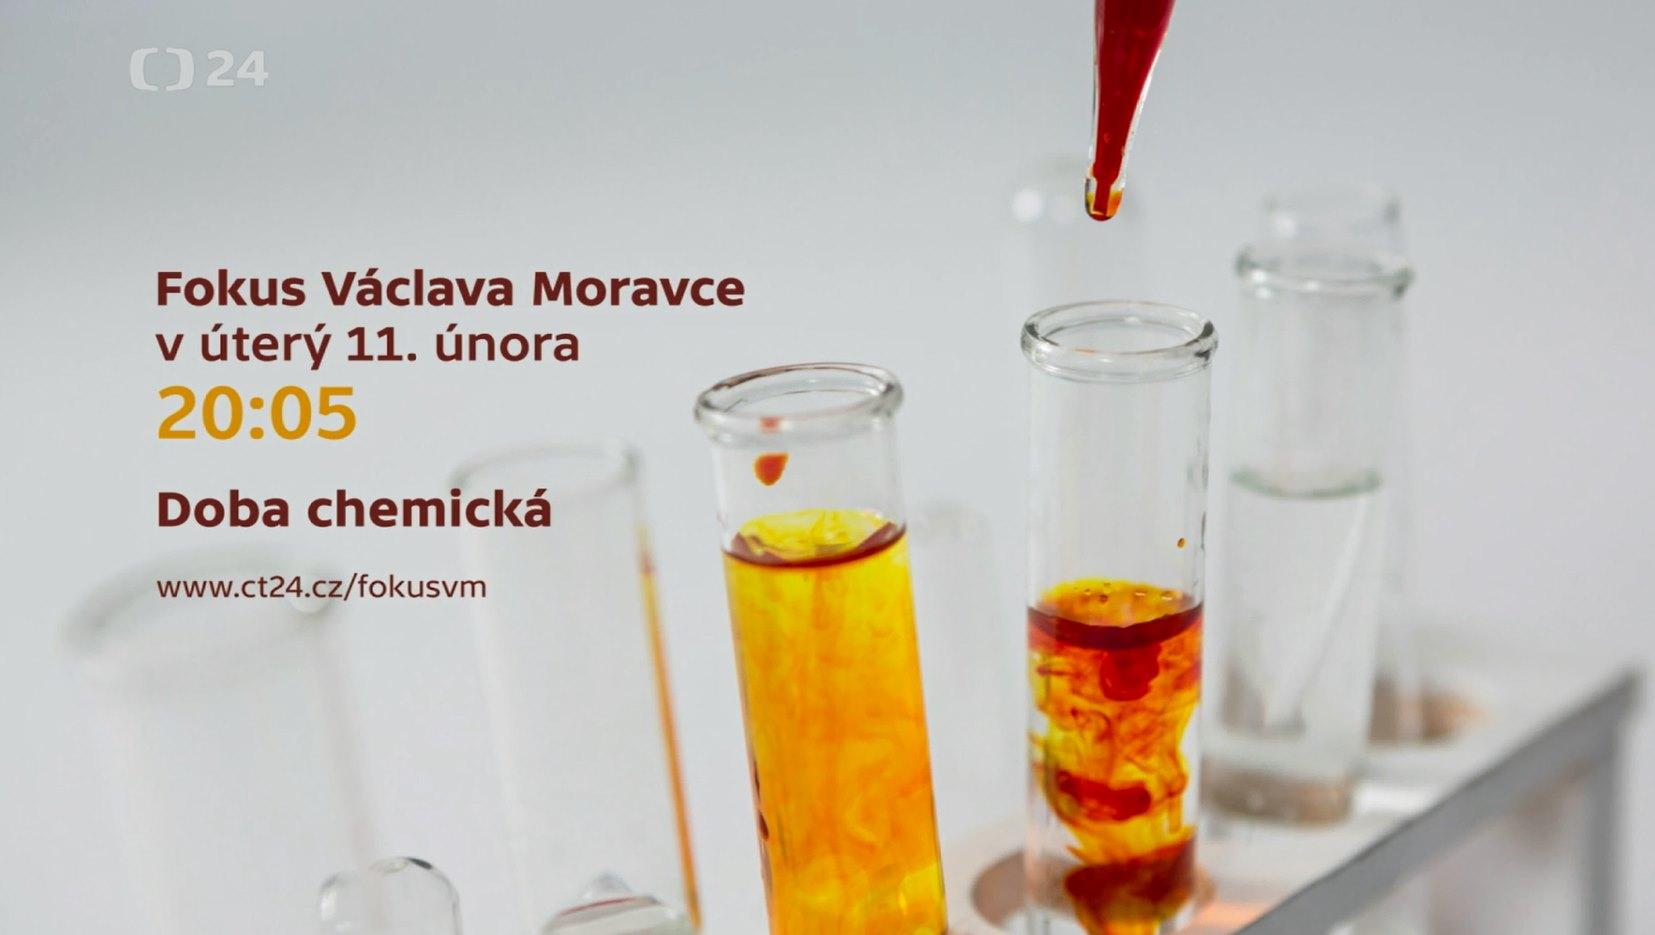 Fokus Václava Moravce: Doba chemická